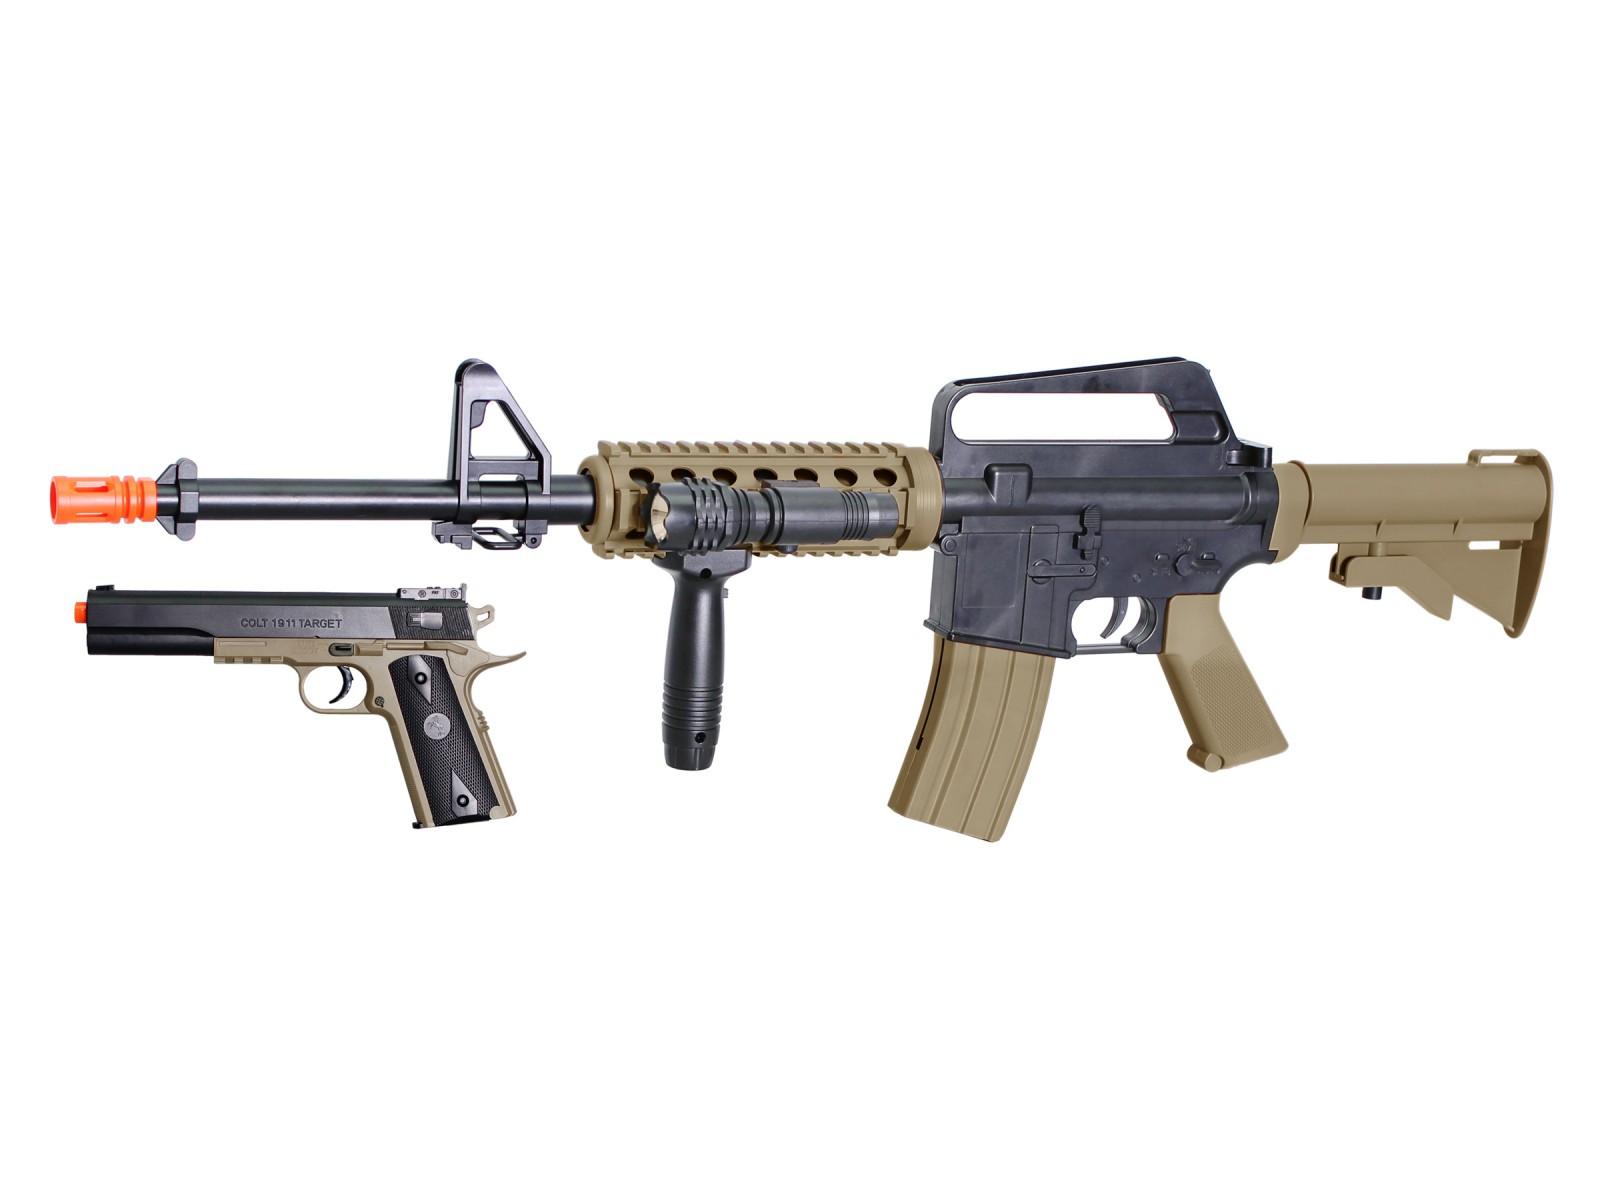 Colt M4 RIS